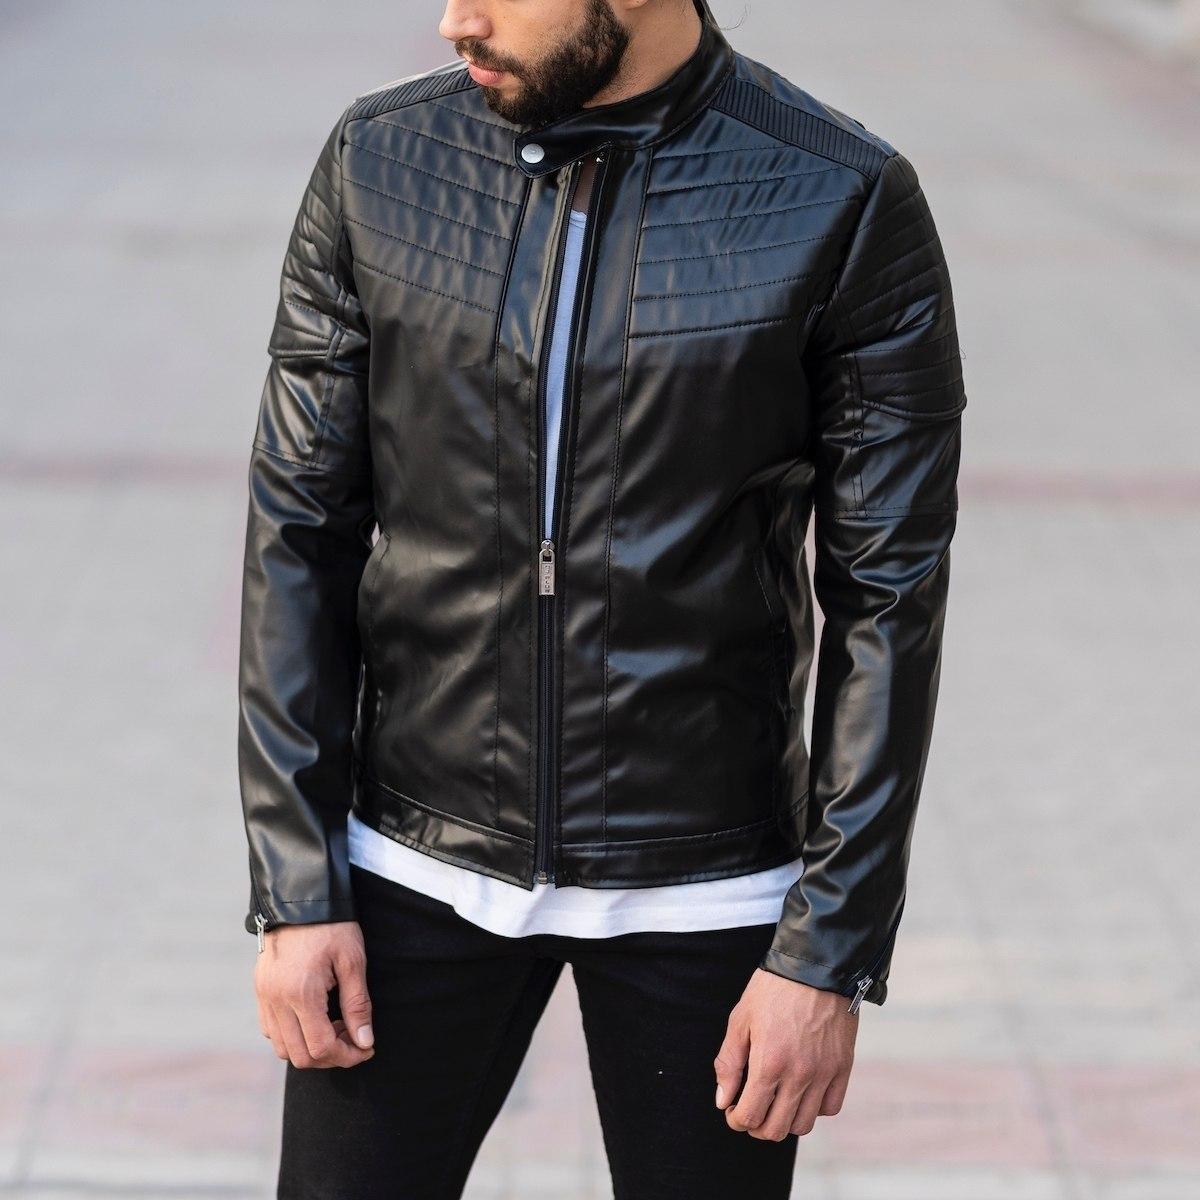 Biker Jacket In Black MV Jacket Collection - 3